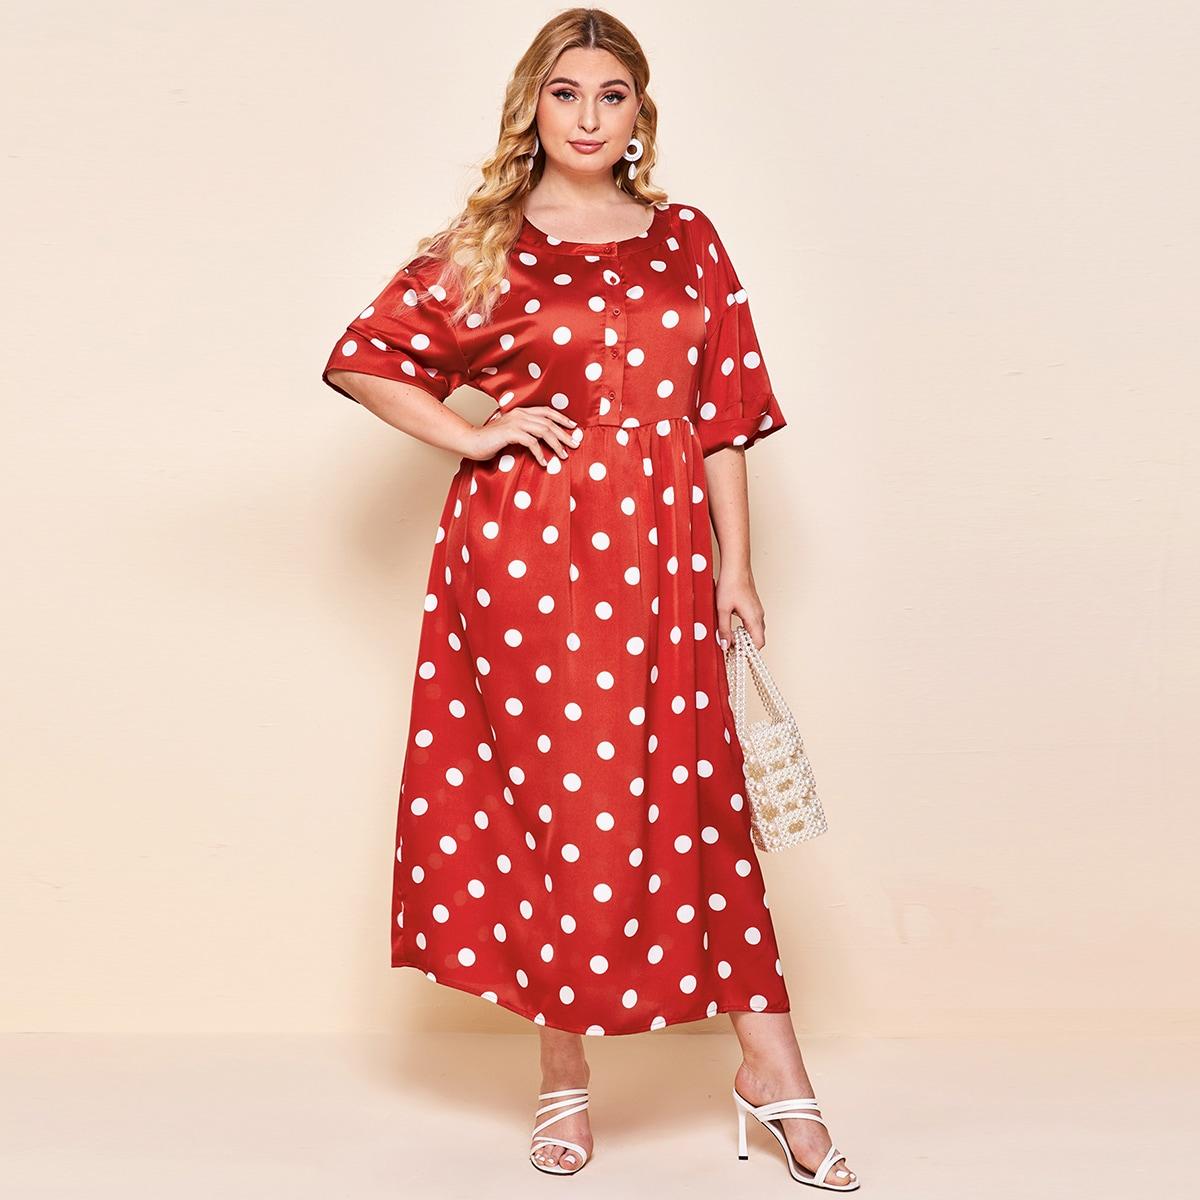 Платье в горошек с пуговицами размера плюс фото